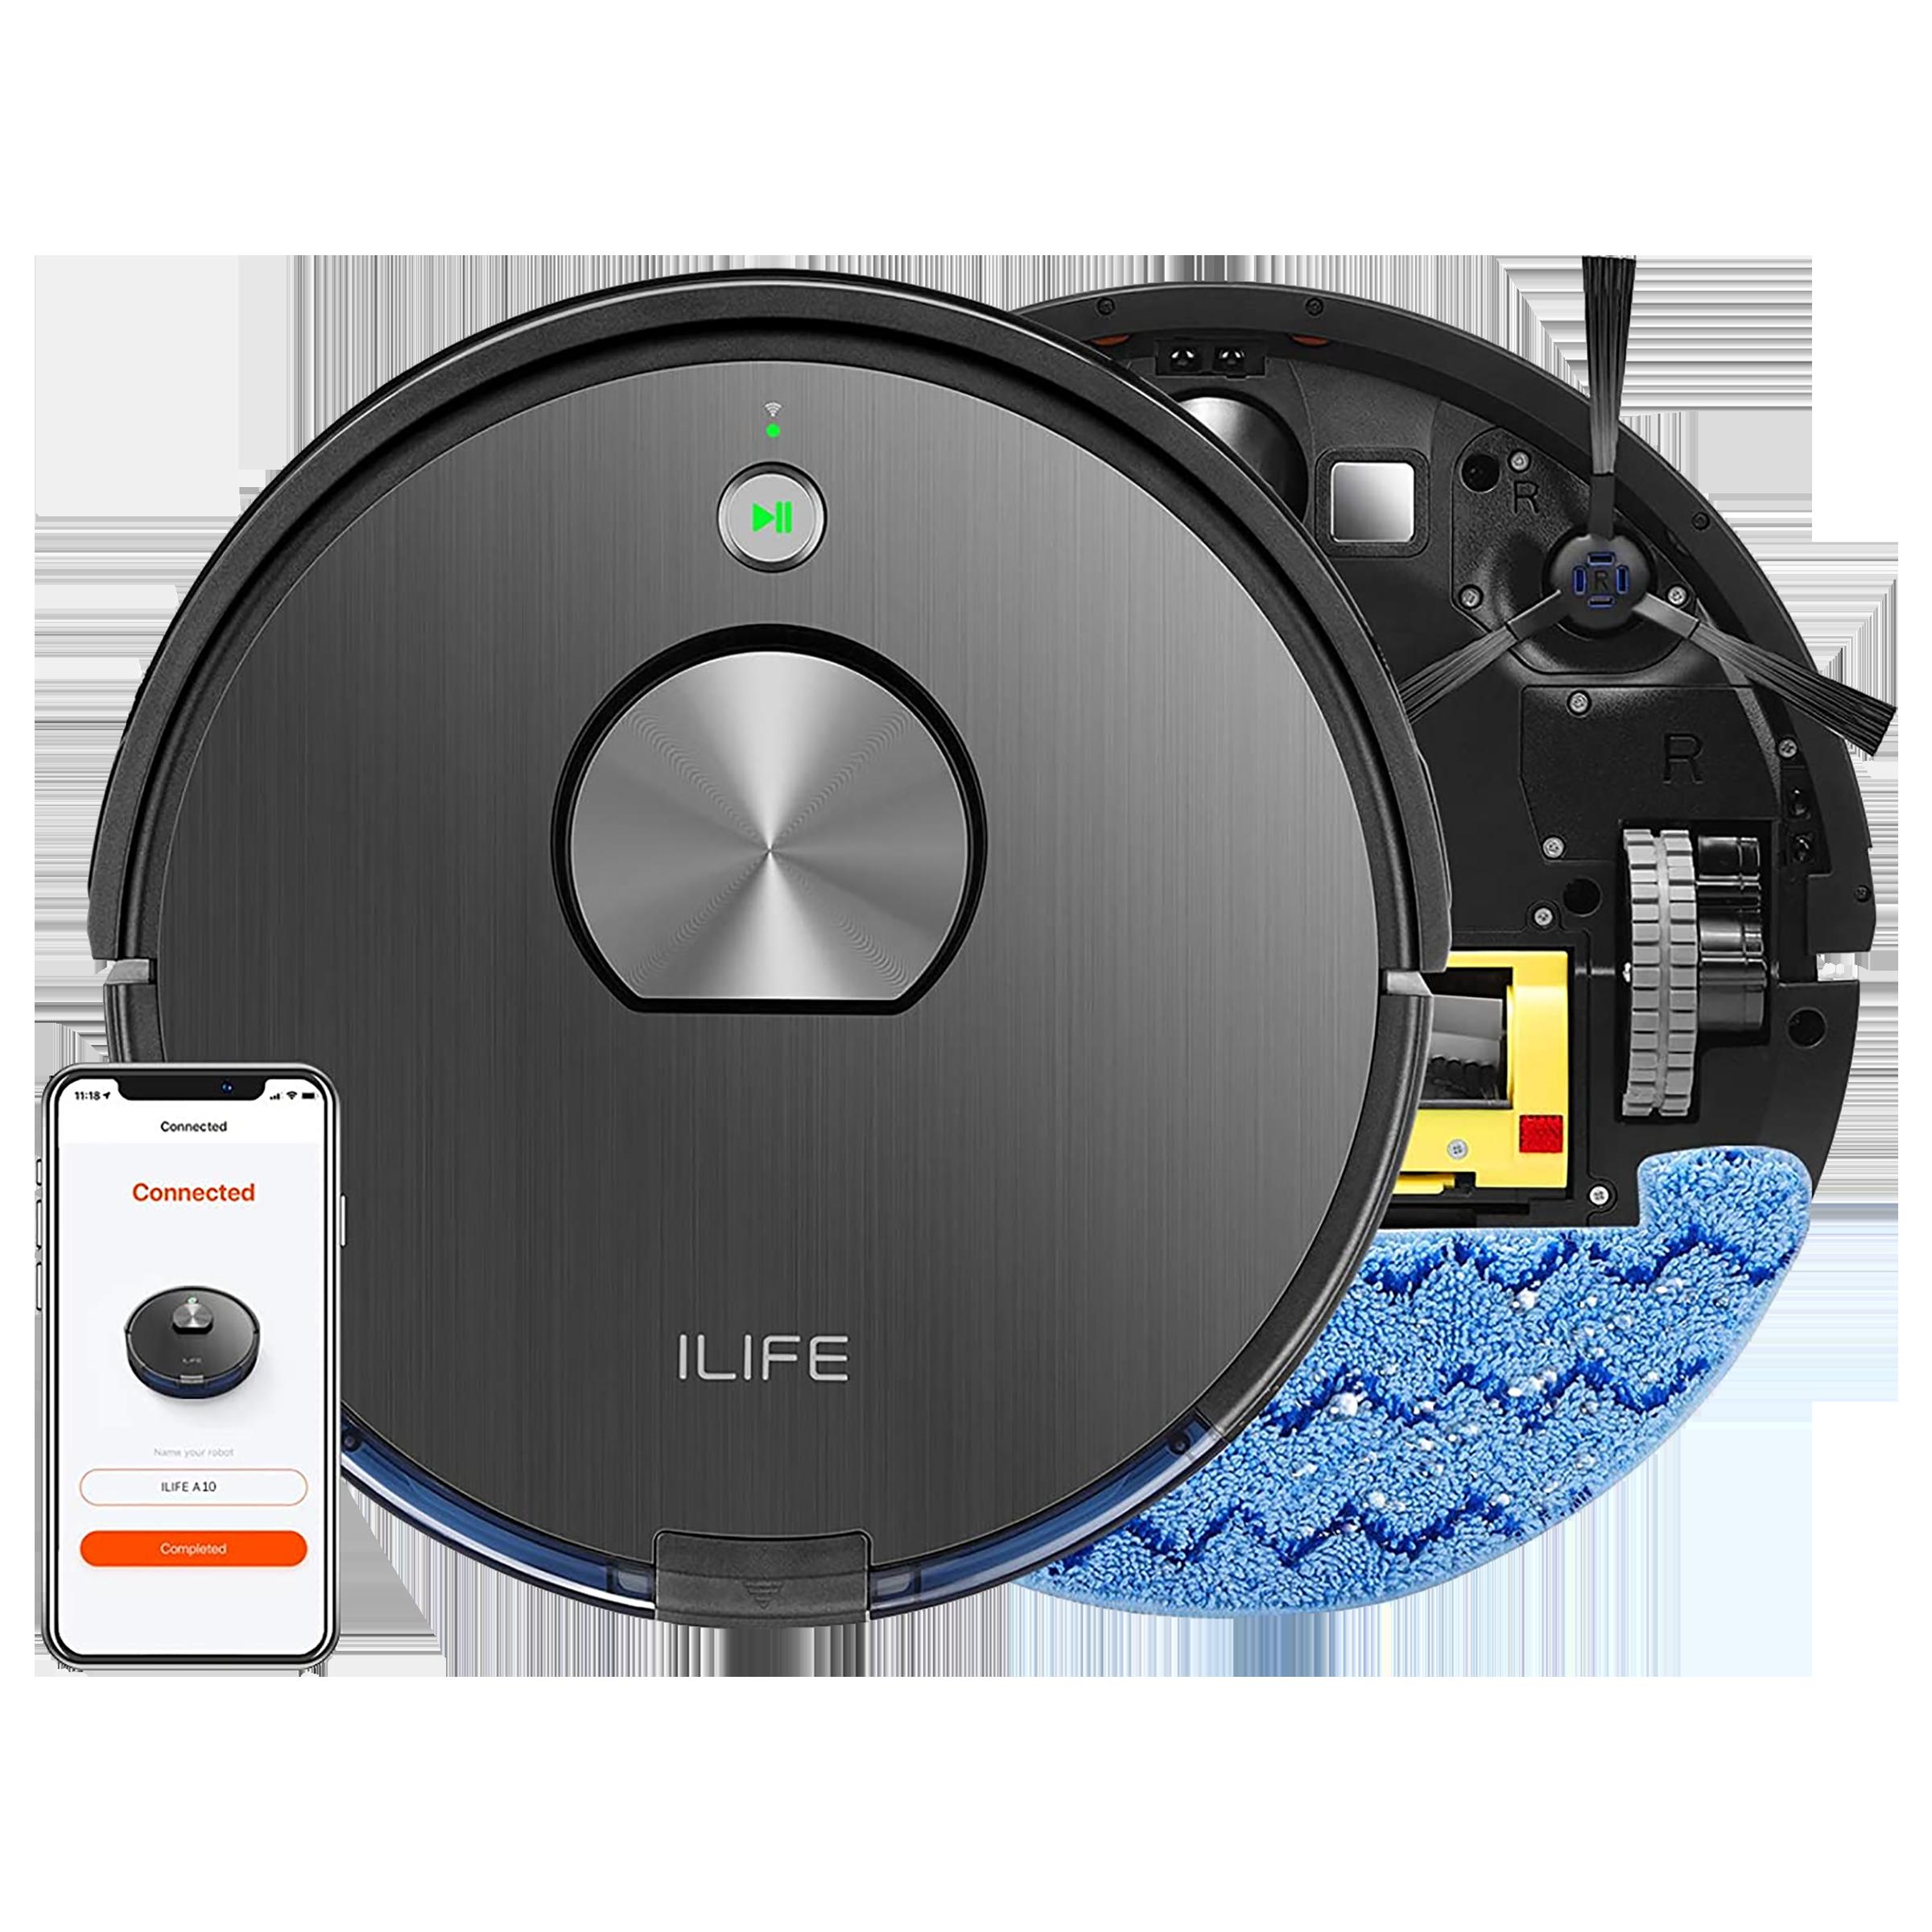 ILIFE Robotic Vacuum Cleaner (A10S, Black)_1